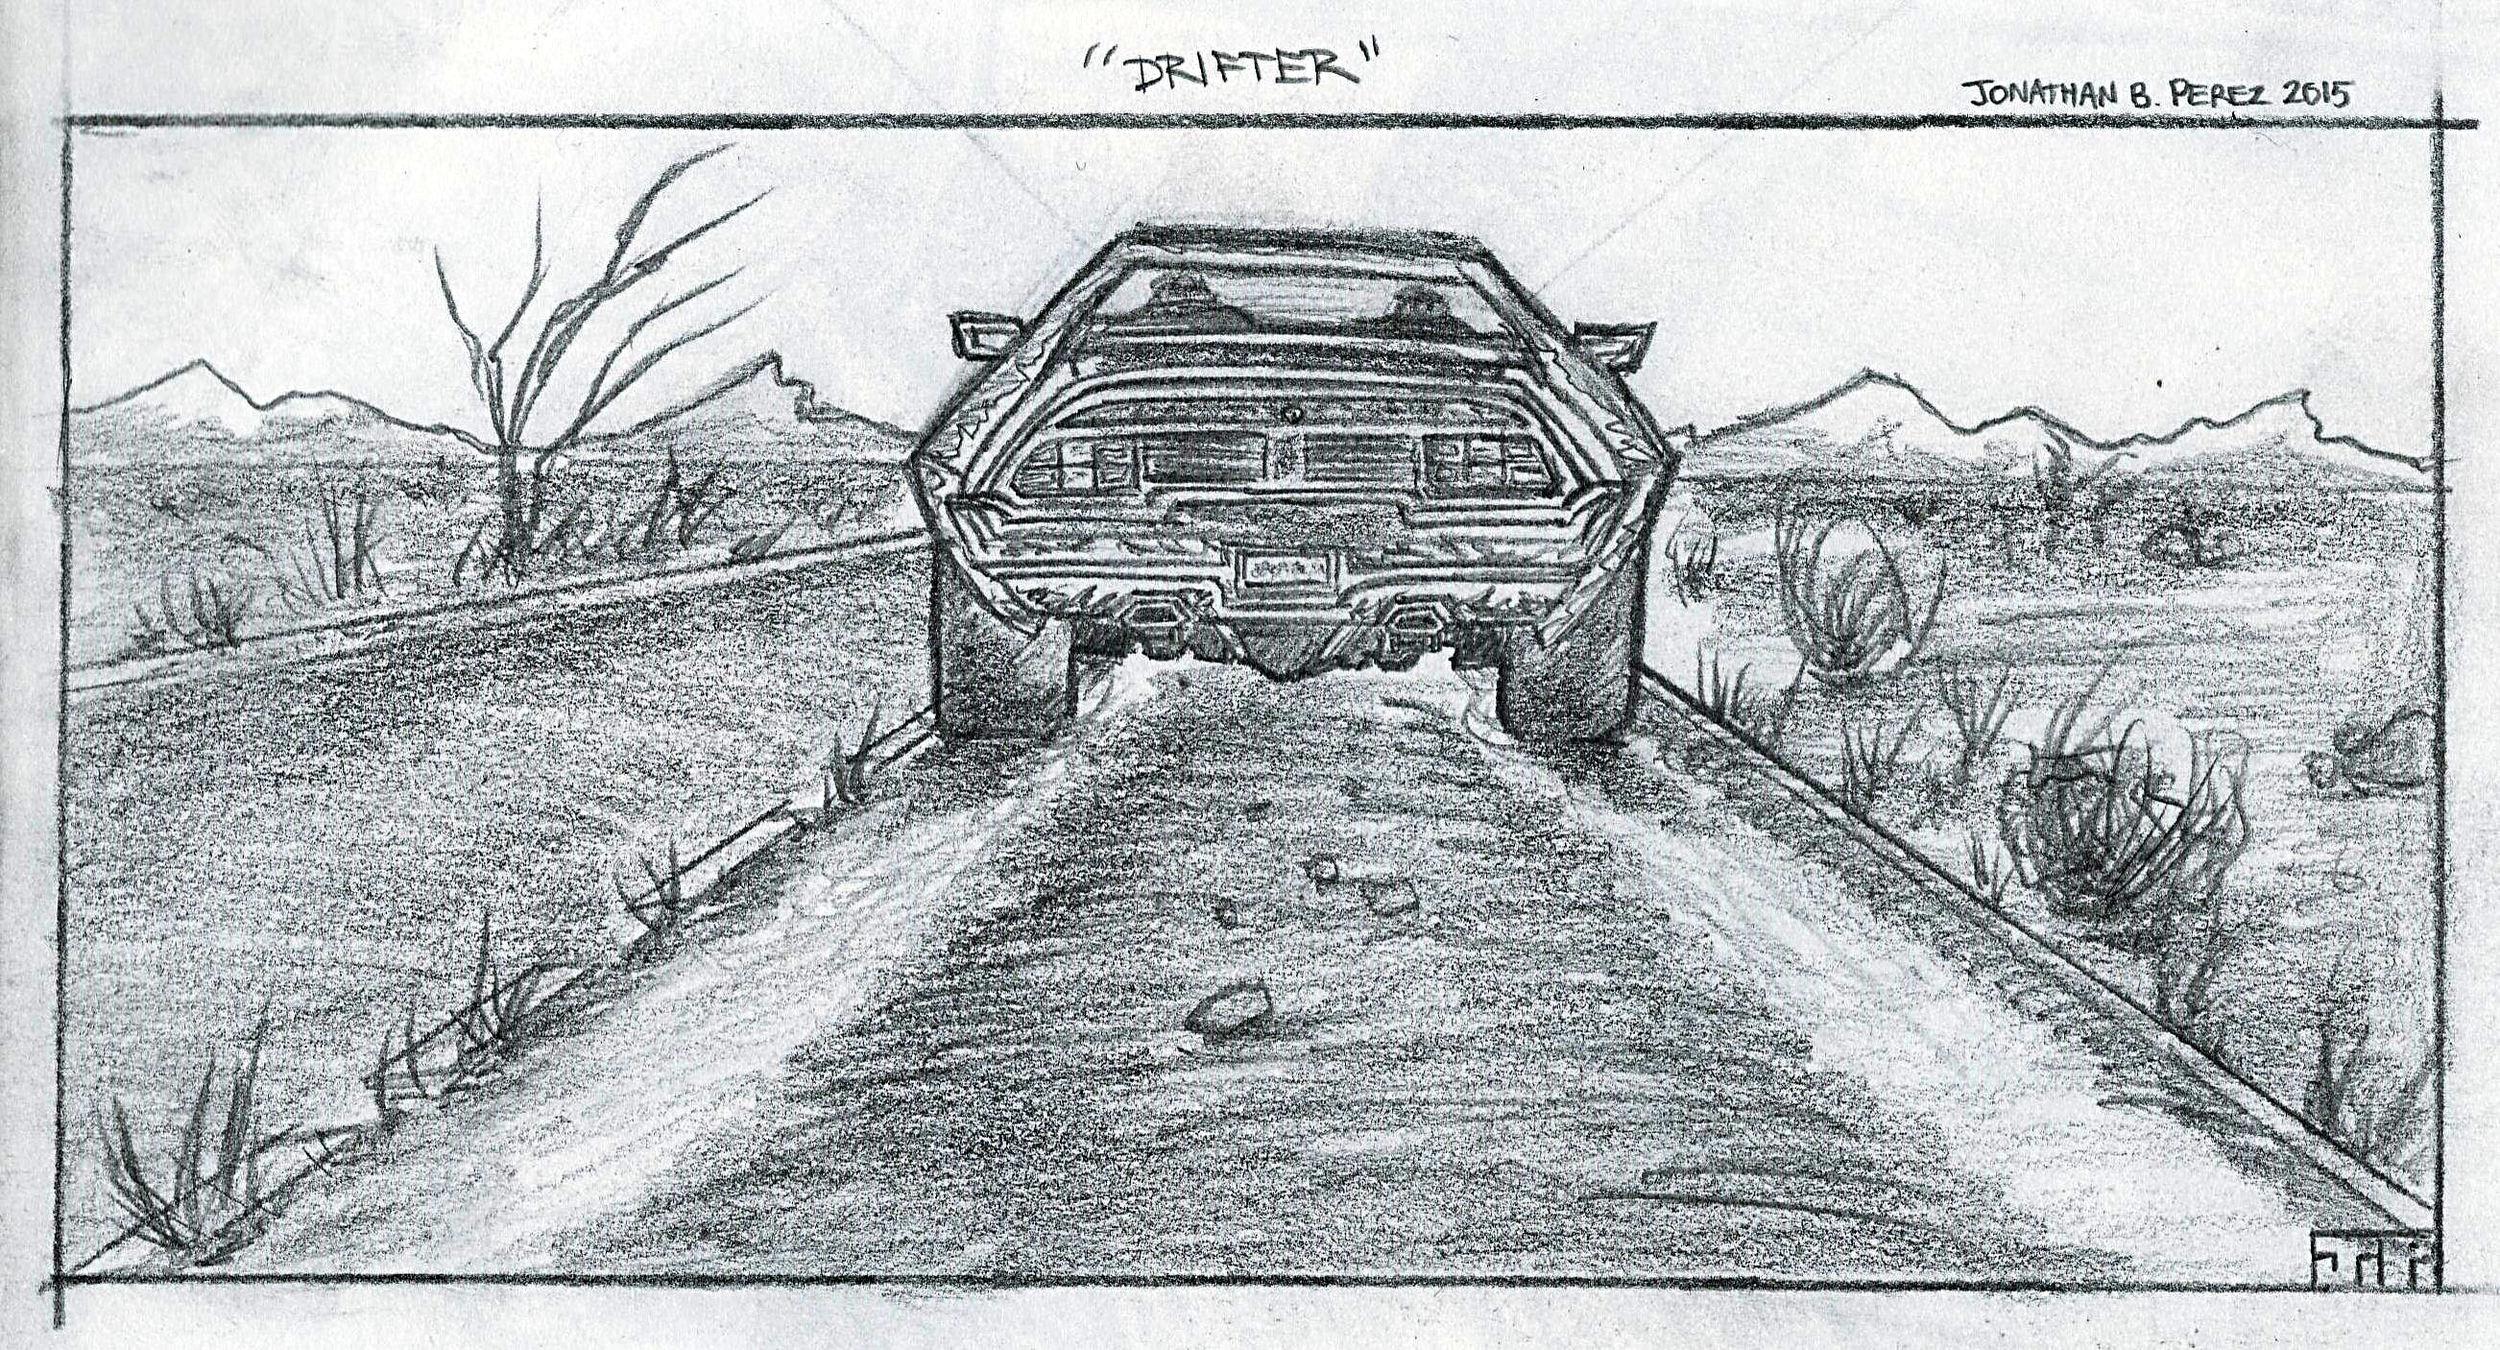 drifter_07A.JPG